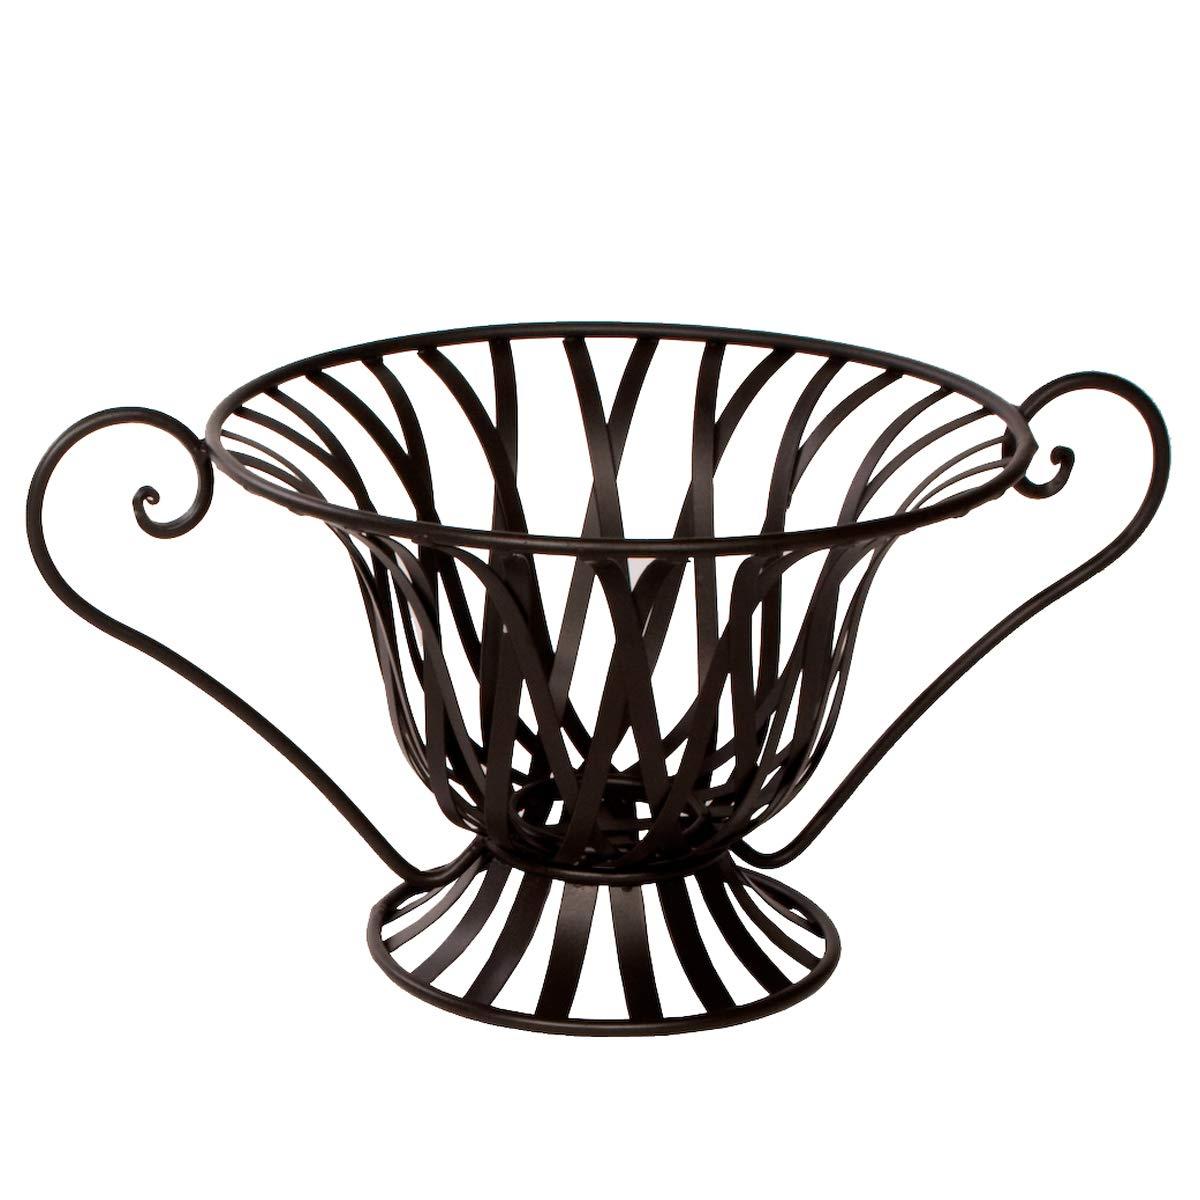 oval niedrig mit Griff ideal zur Aufbewahrung als Korb f/ür Obst und Gem/üse Varia Living Obstschale gro/ß Kreta aus Metall 3 Designs zur Auswahl schwarz Vintage Design und modern zugleich